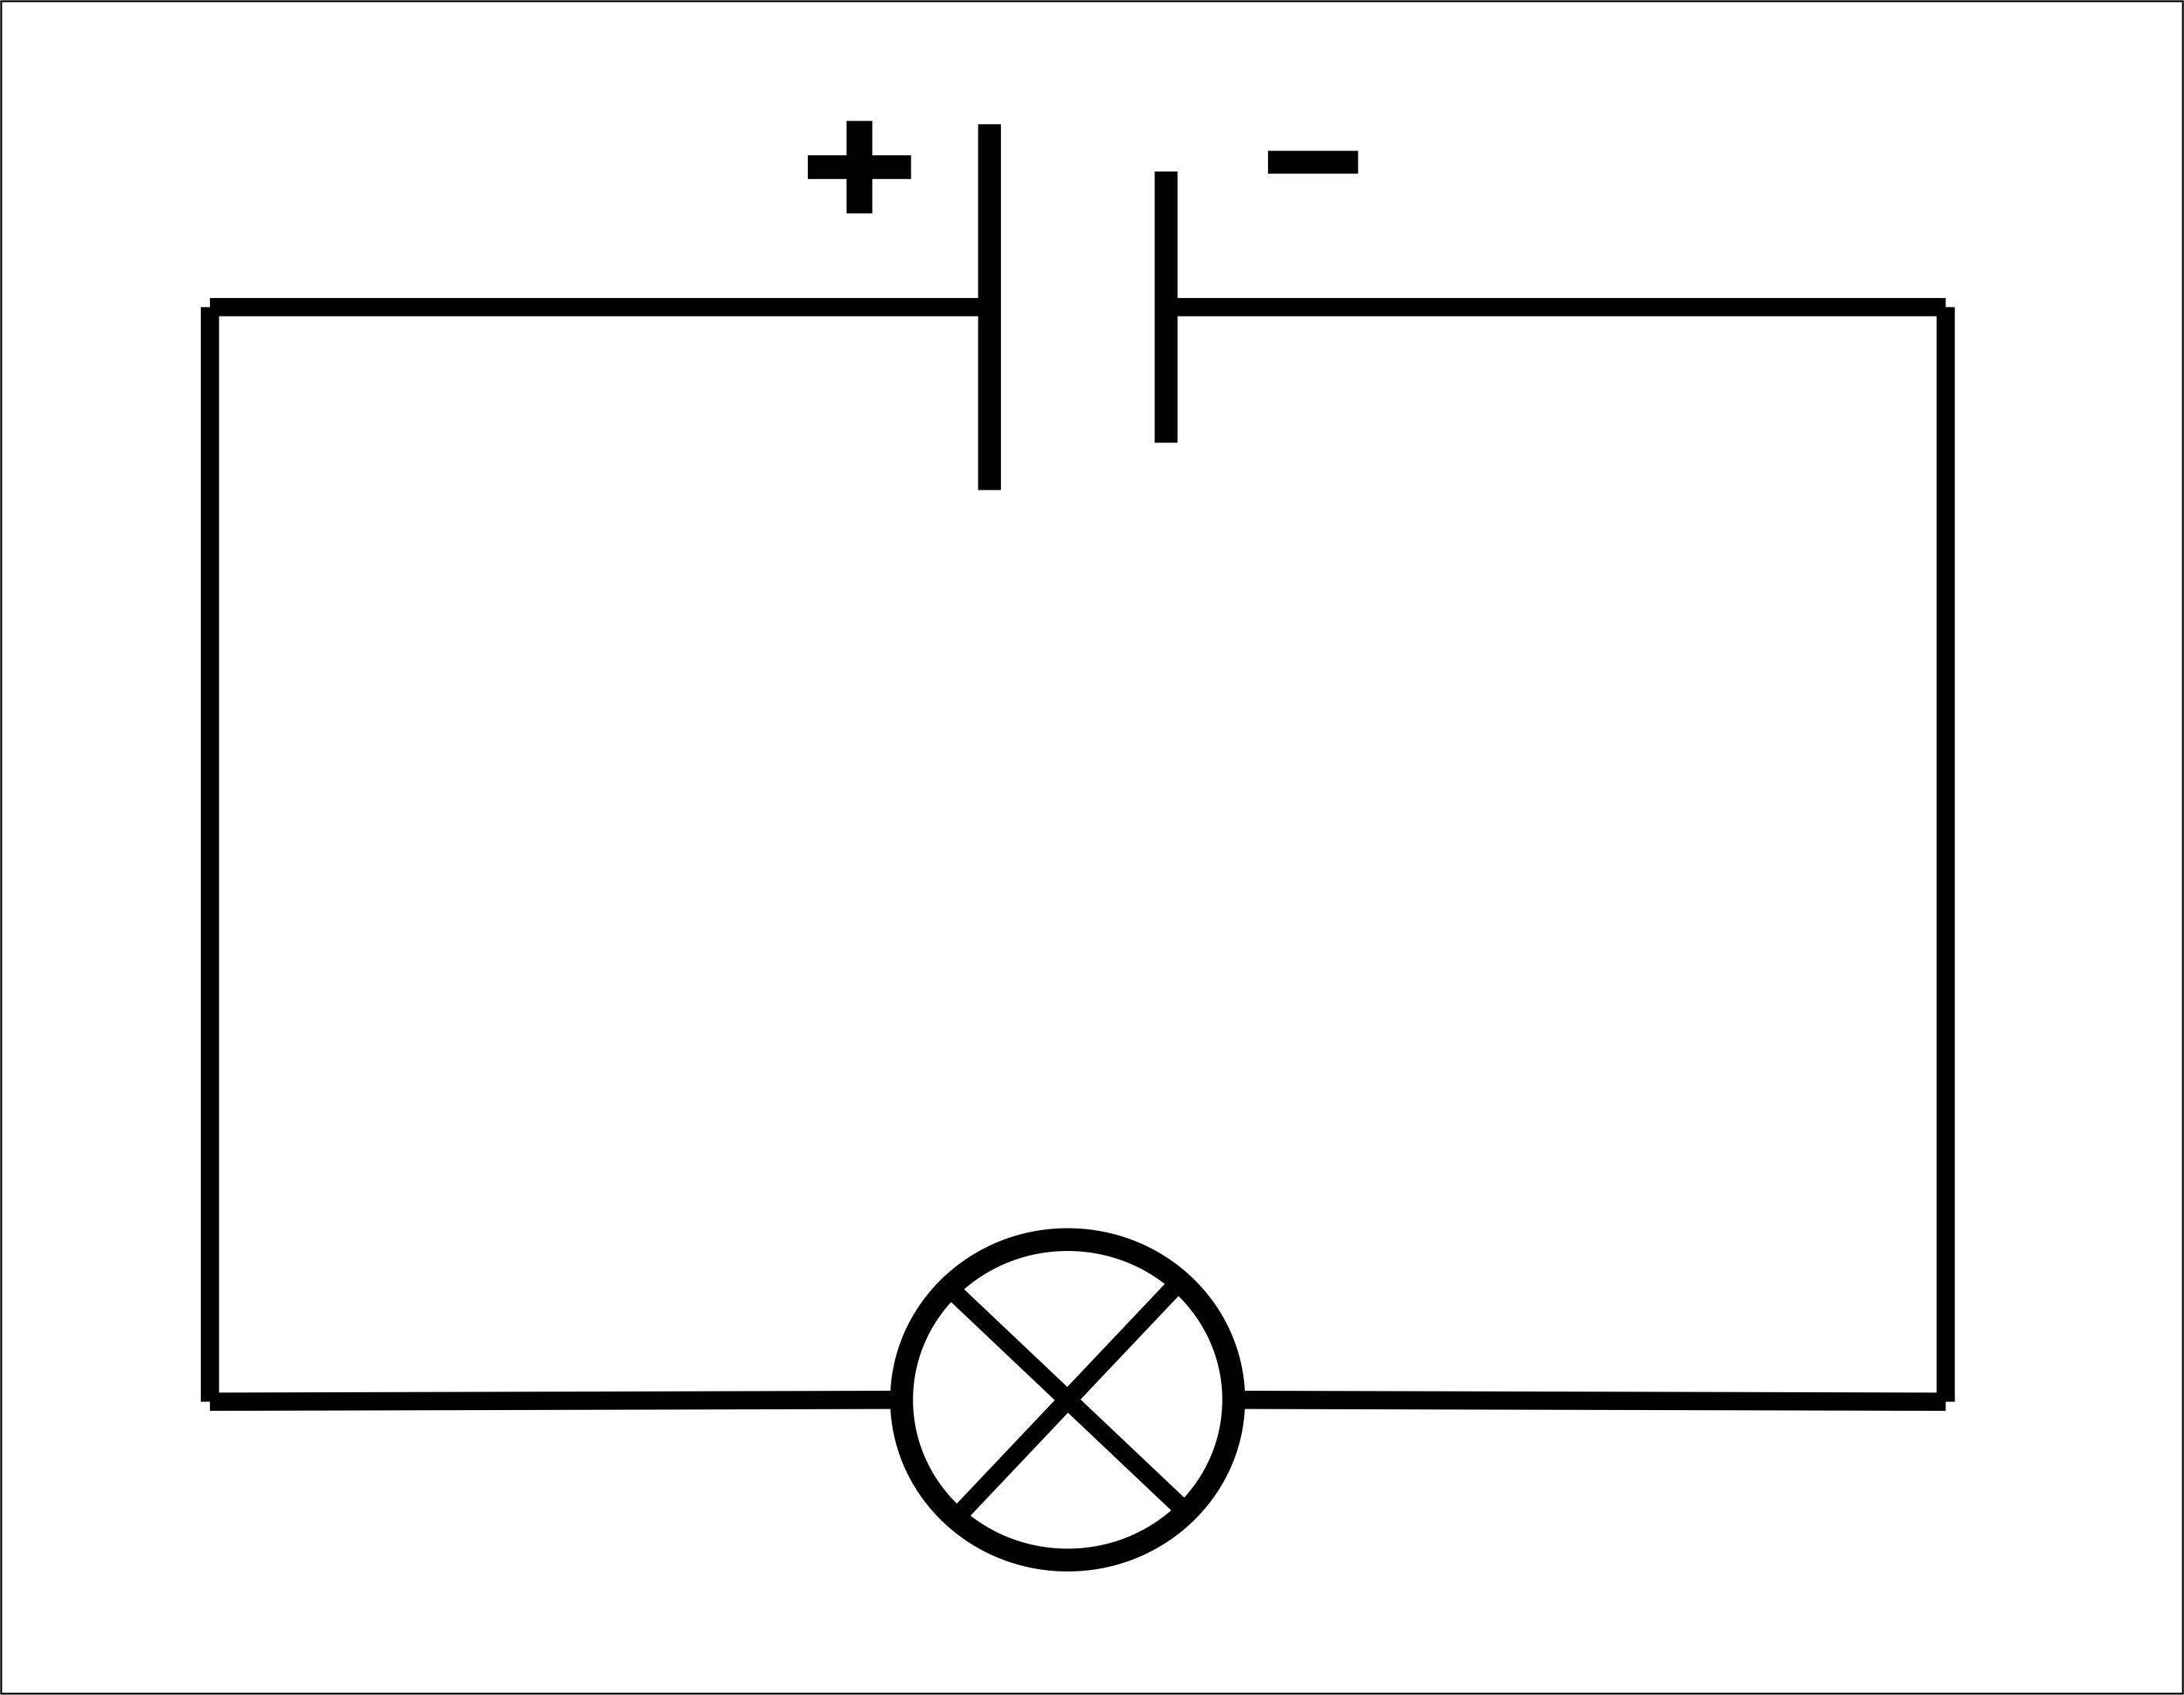 Как построить схему электрической цепи